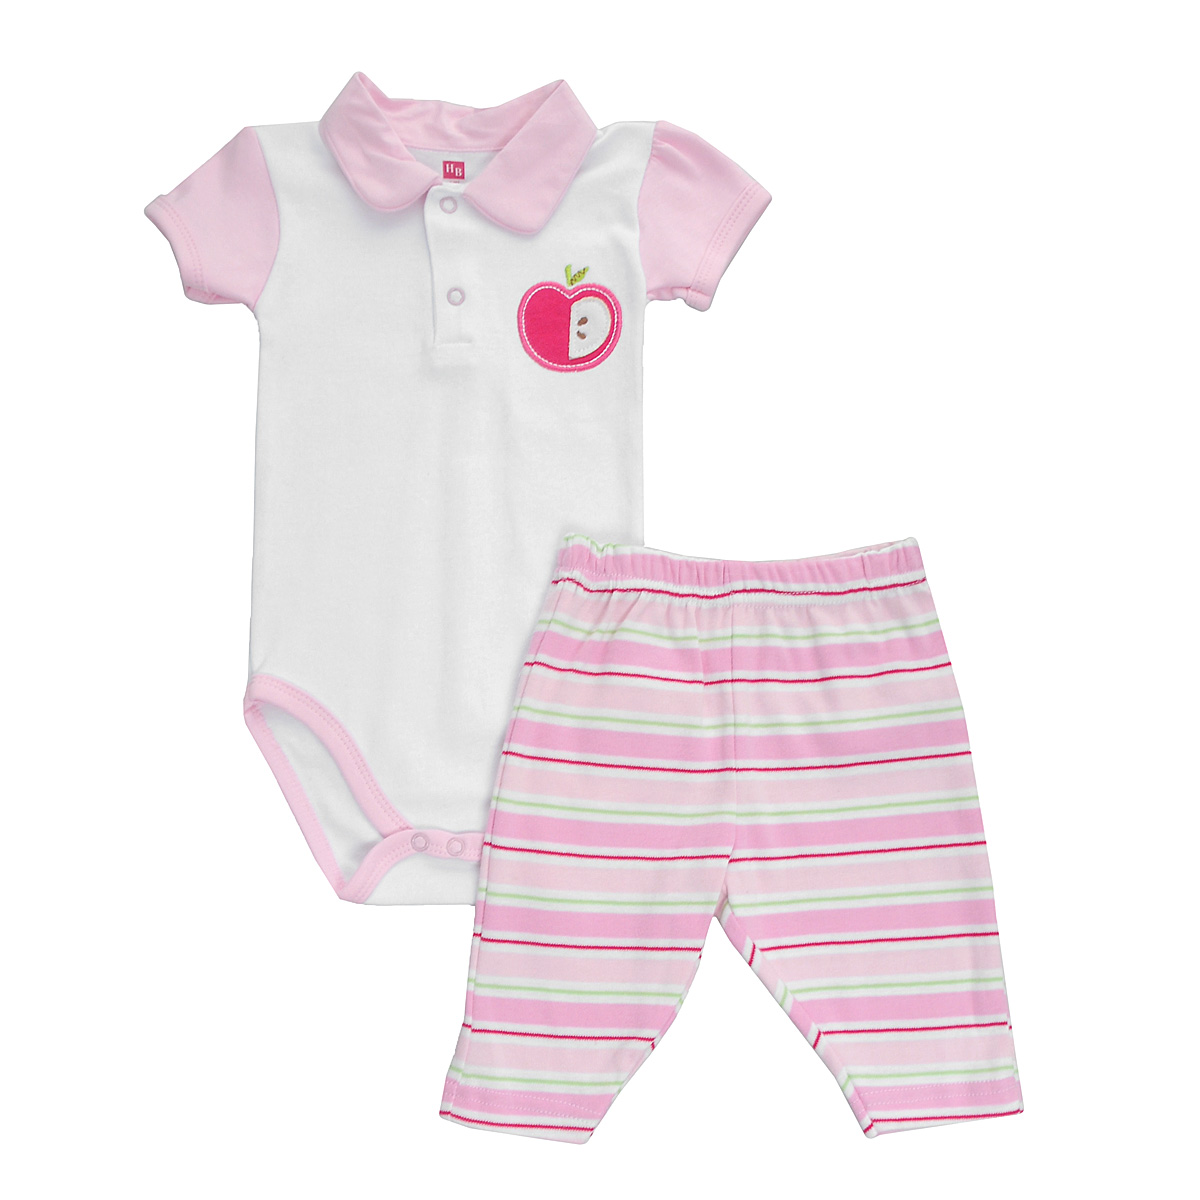 Комплект для девочки Hudson Baby Яблоко: боди-поло, штанишки, цвет: белый, розовый. 50340. Размер 67/72, 6-9 месяцев